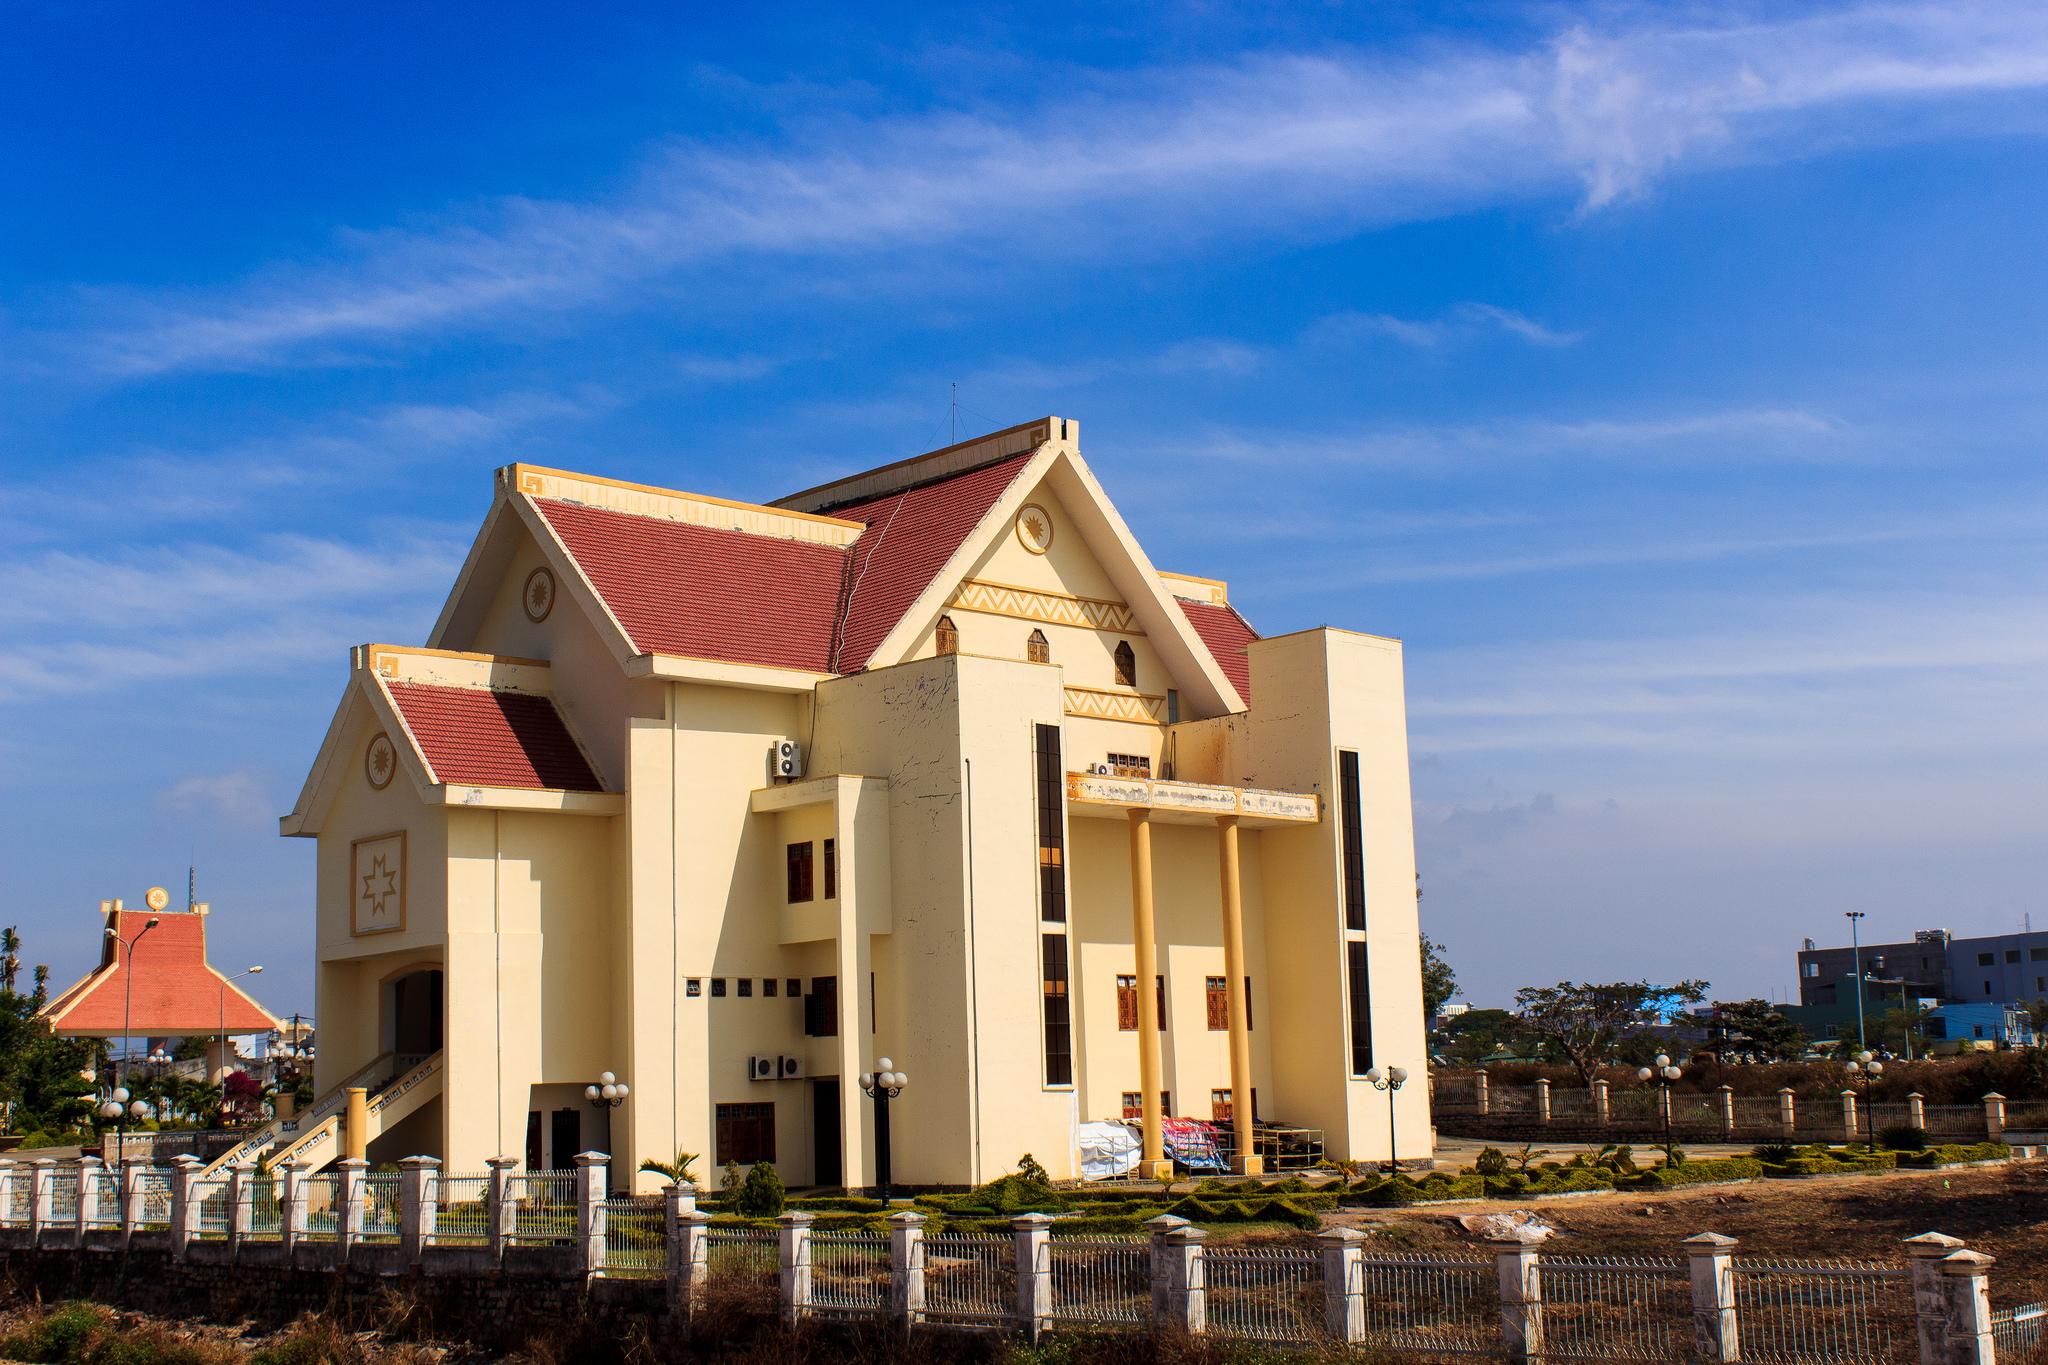 Bảo tàng Kon Tum địa điểm du lịch ấn tượng tại Kon Tum